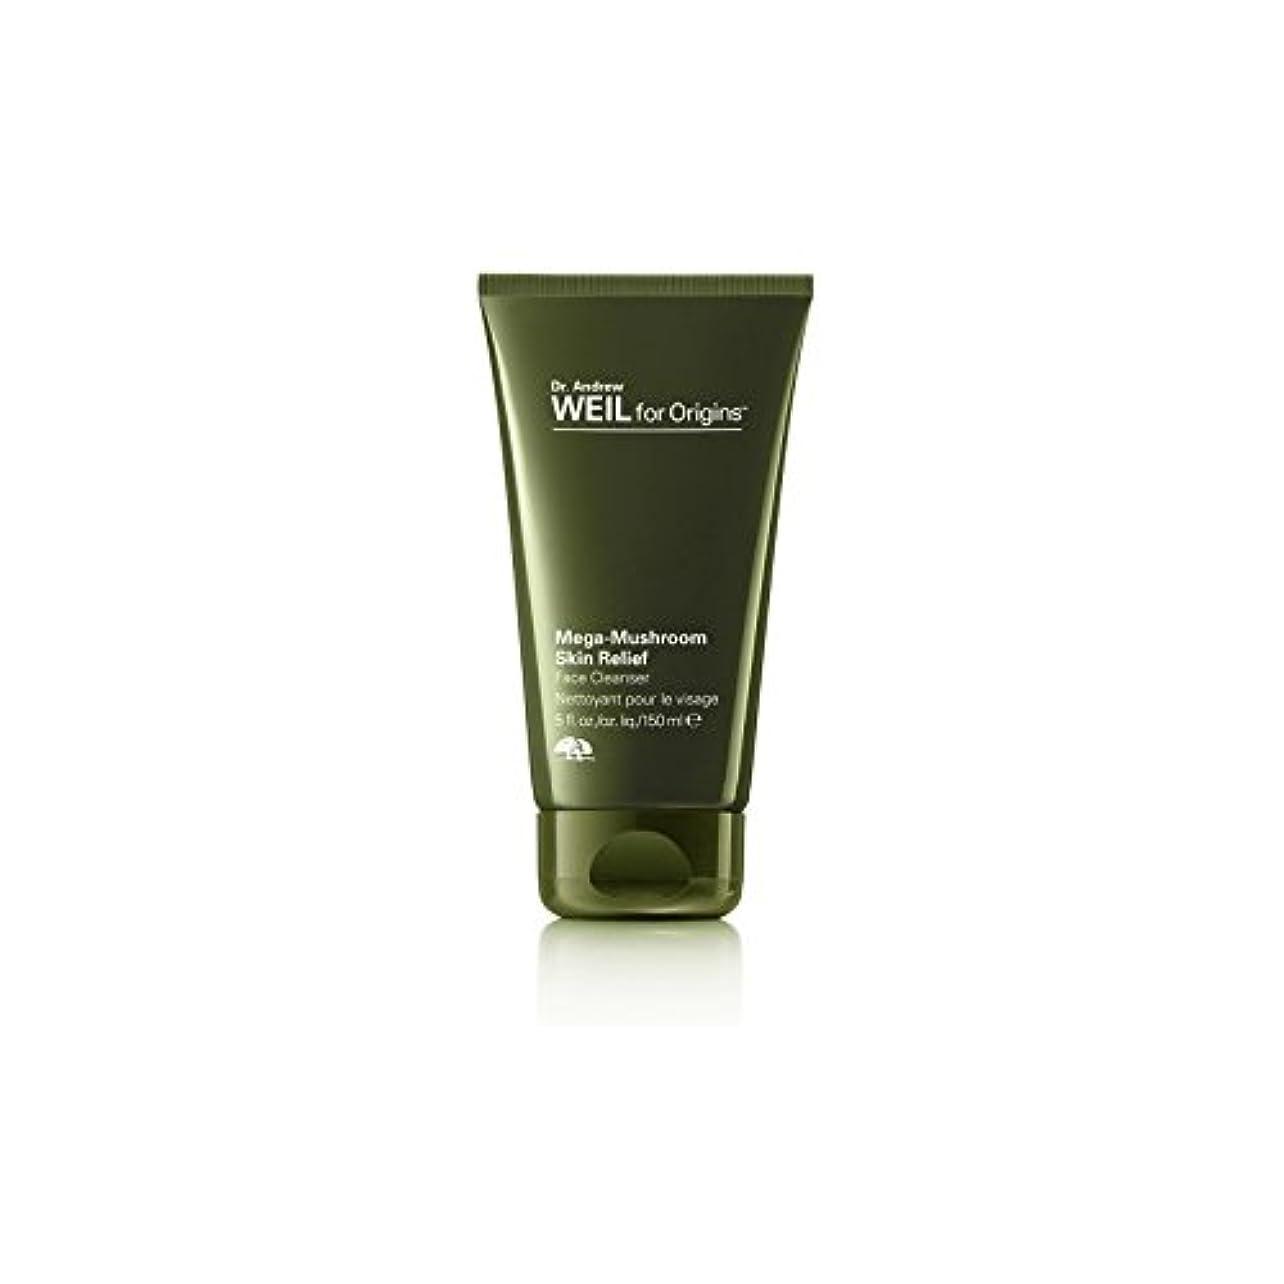 ホステル学校の先生硬い起源アンドルー?ワイル起源メガキノコ皮膚救済顔クレンザー150ミリリットルのために x4 - Origins Dr. Andrew Weil For Origins Mega-Mushroom Skin Relief Face...